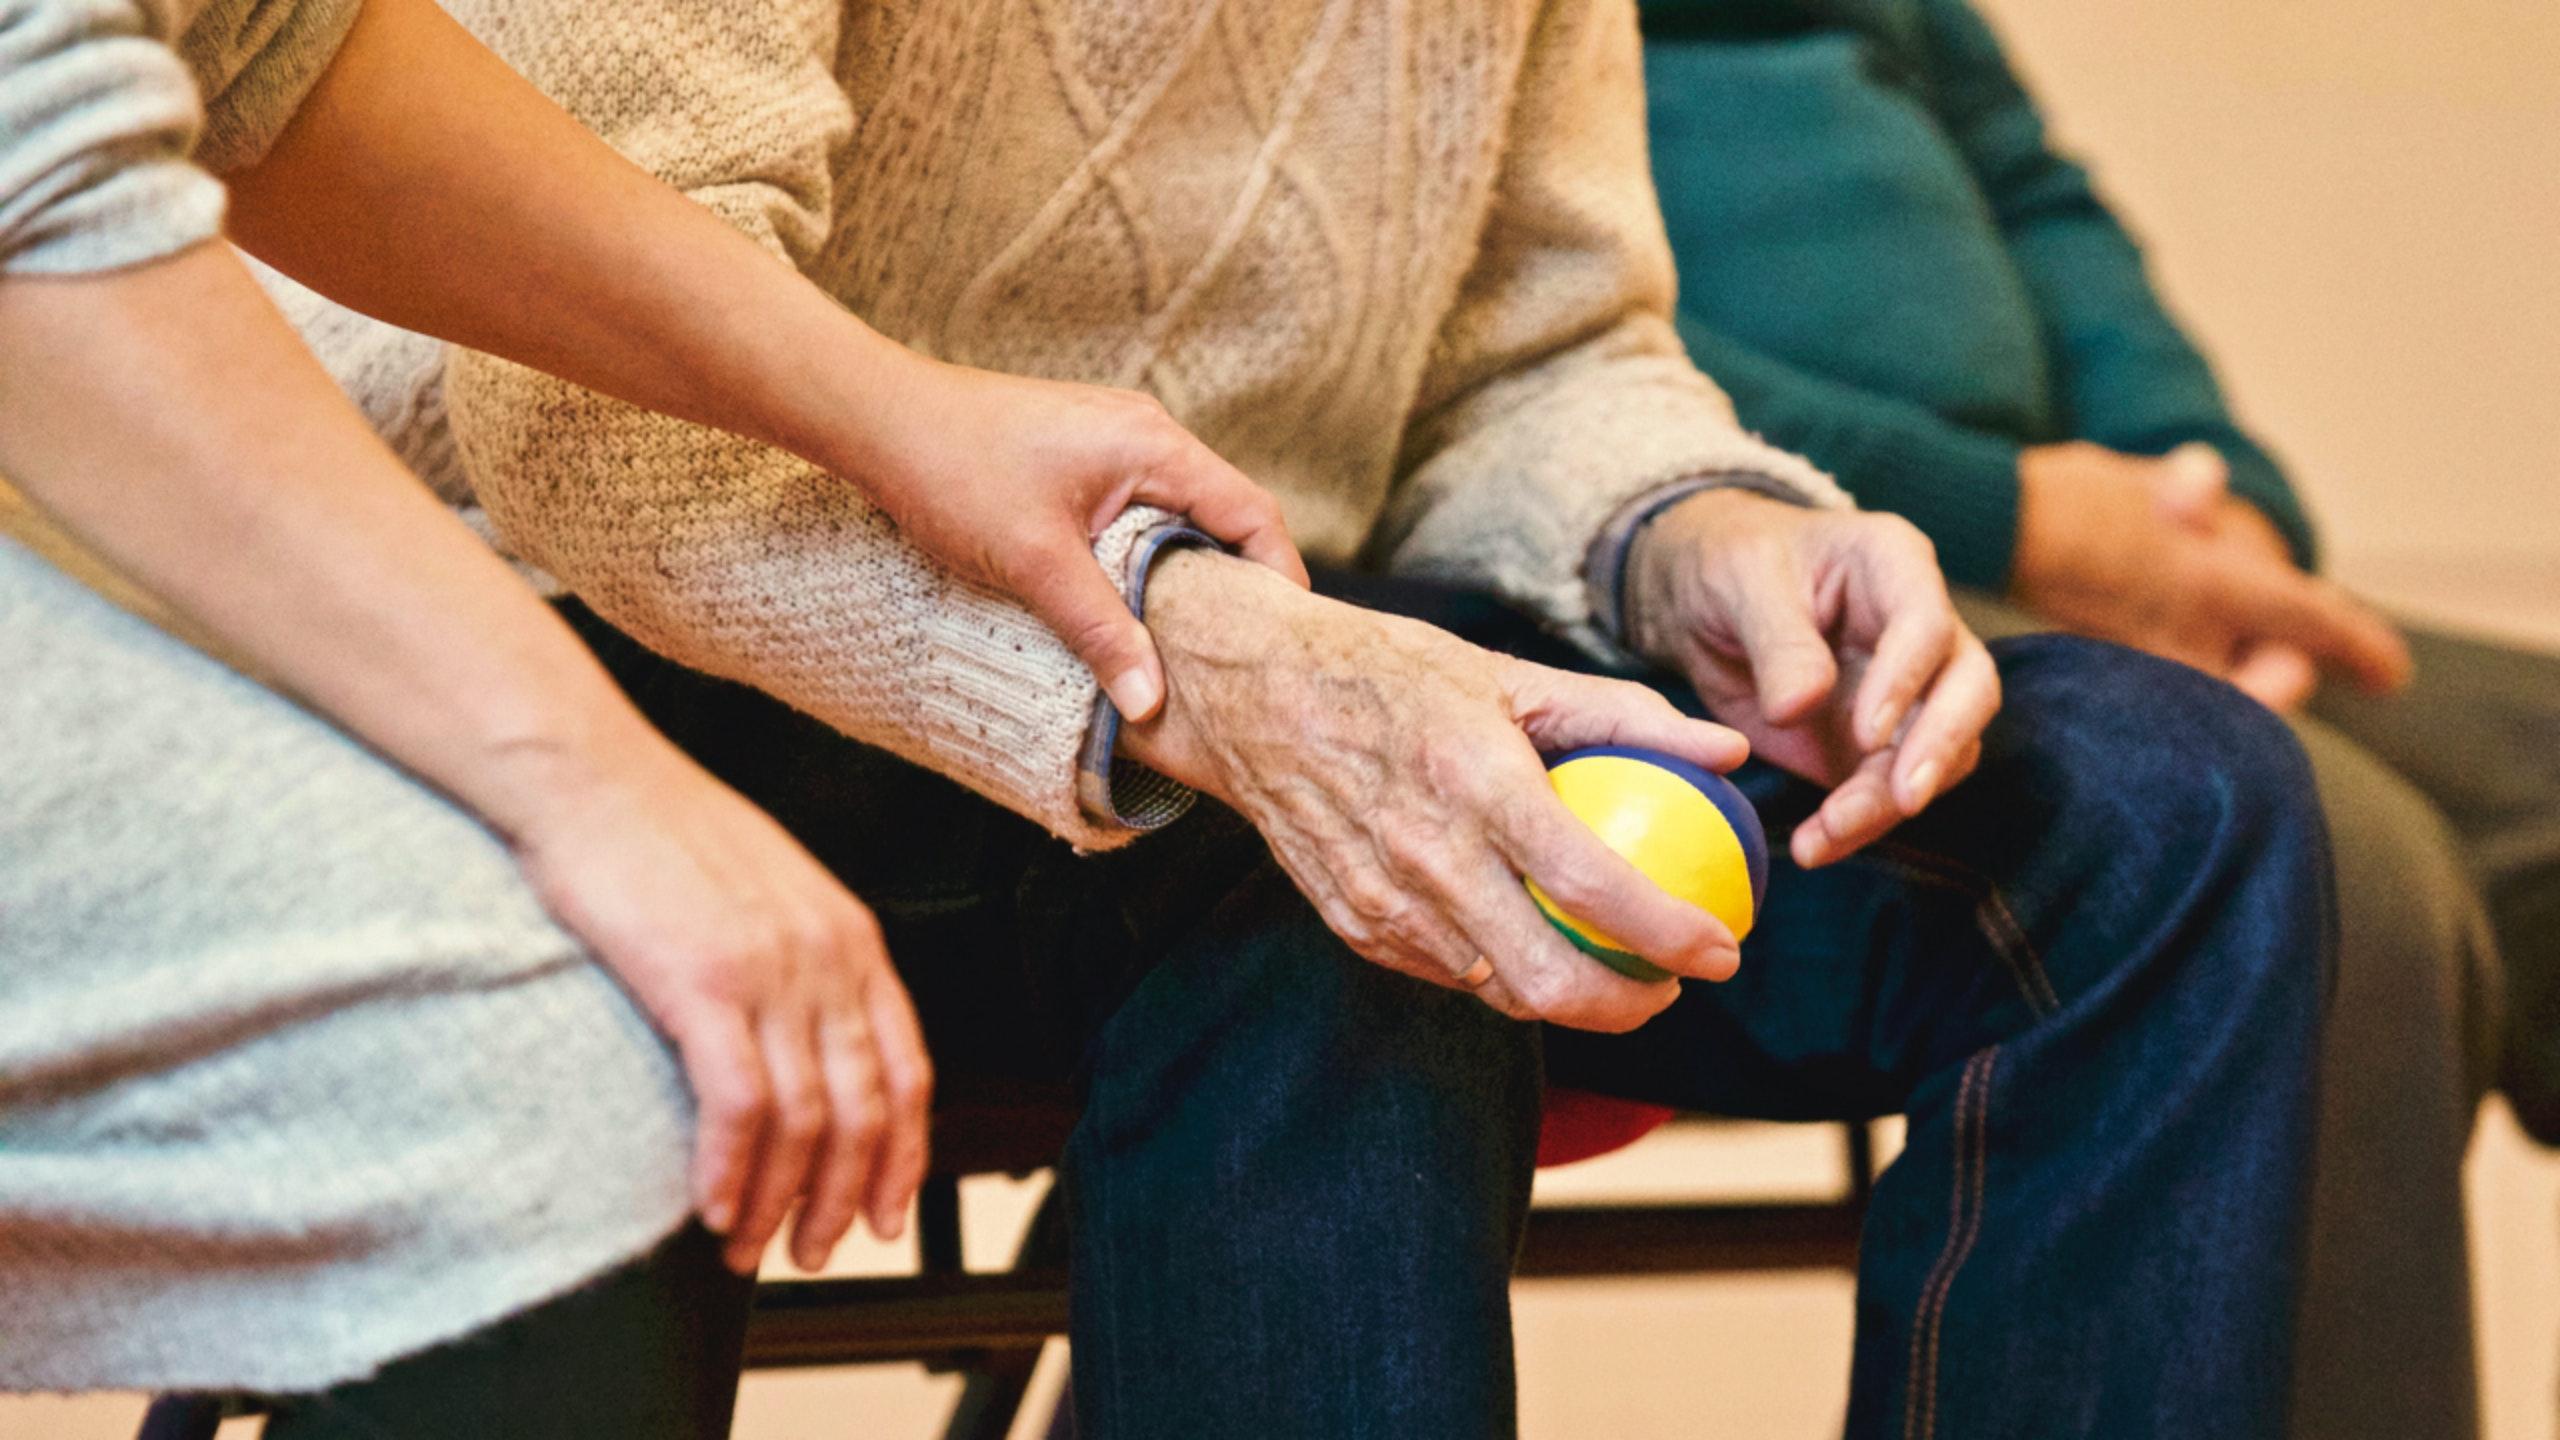 Curso de cuidador de idosos online e gratuito